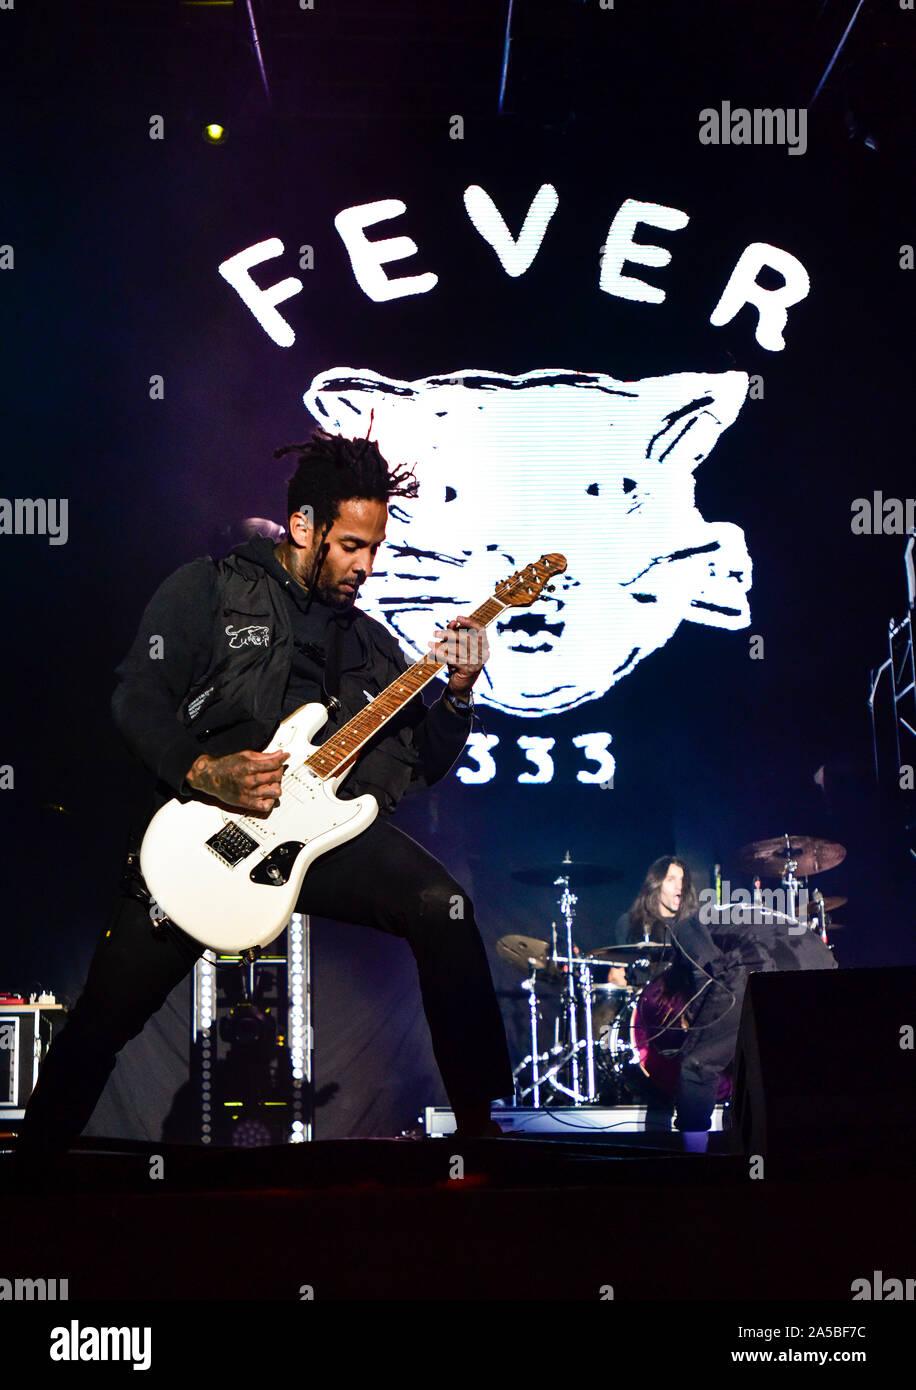 Las Vegas, Nevada, le 18 octobre 2019 - Fièvre 333 guitariste sur scène lors de la troisième édition annuelle de Las Stique heavy metal music festival tenu à la Centre-ville de Las Vegas Events Center. Crédit de photo: Ken Howard Images Banque D'Images